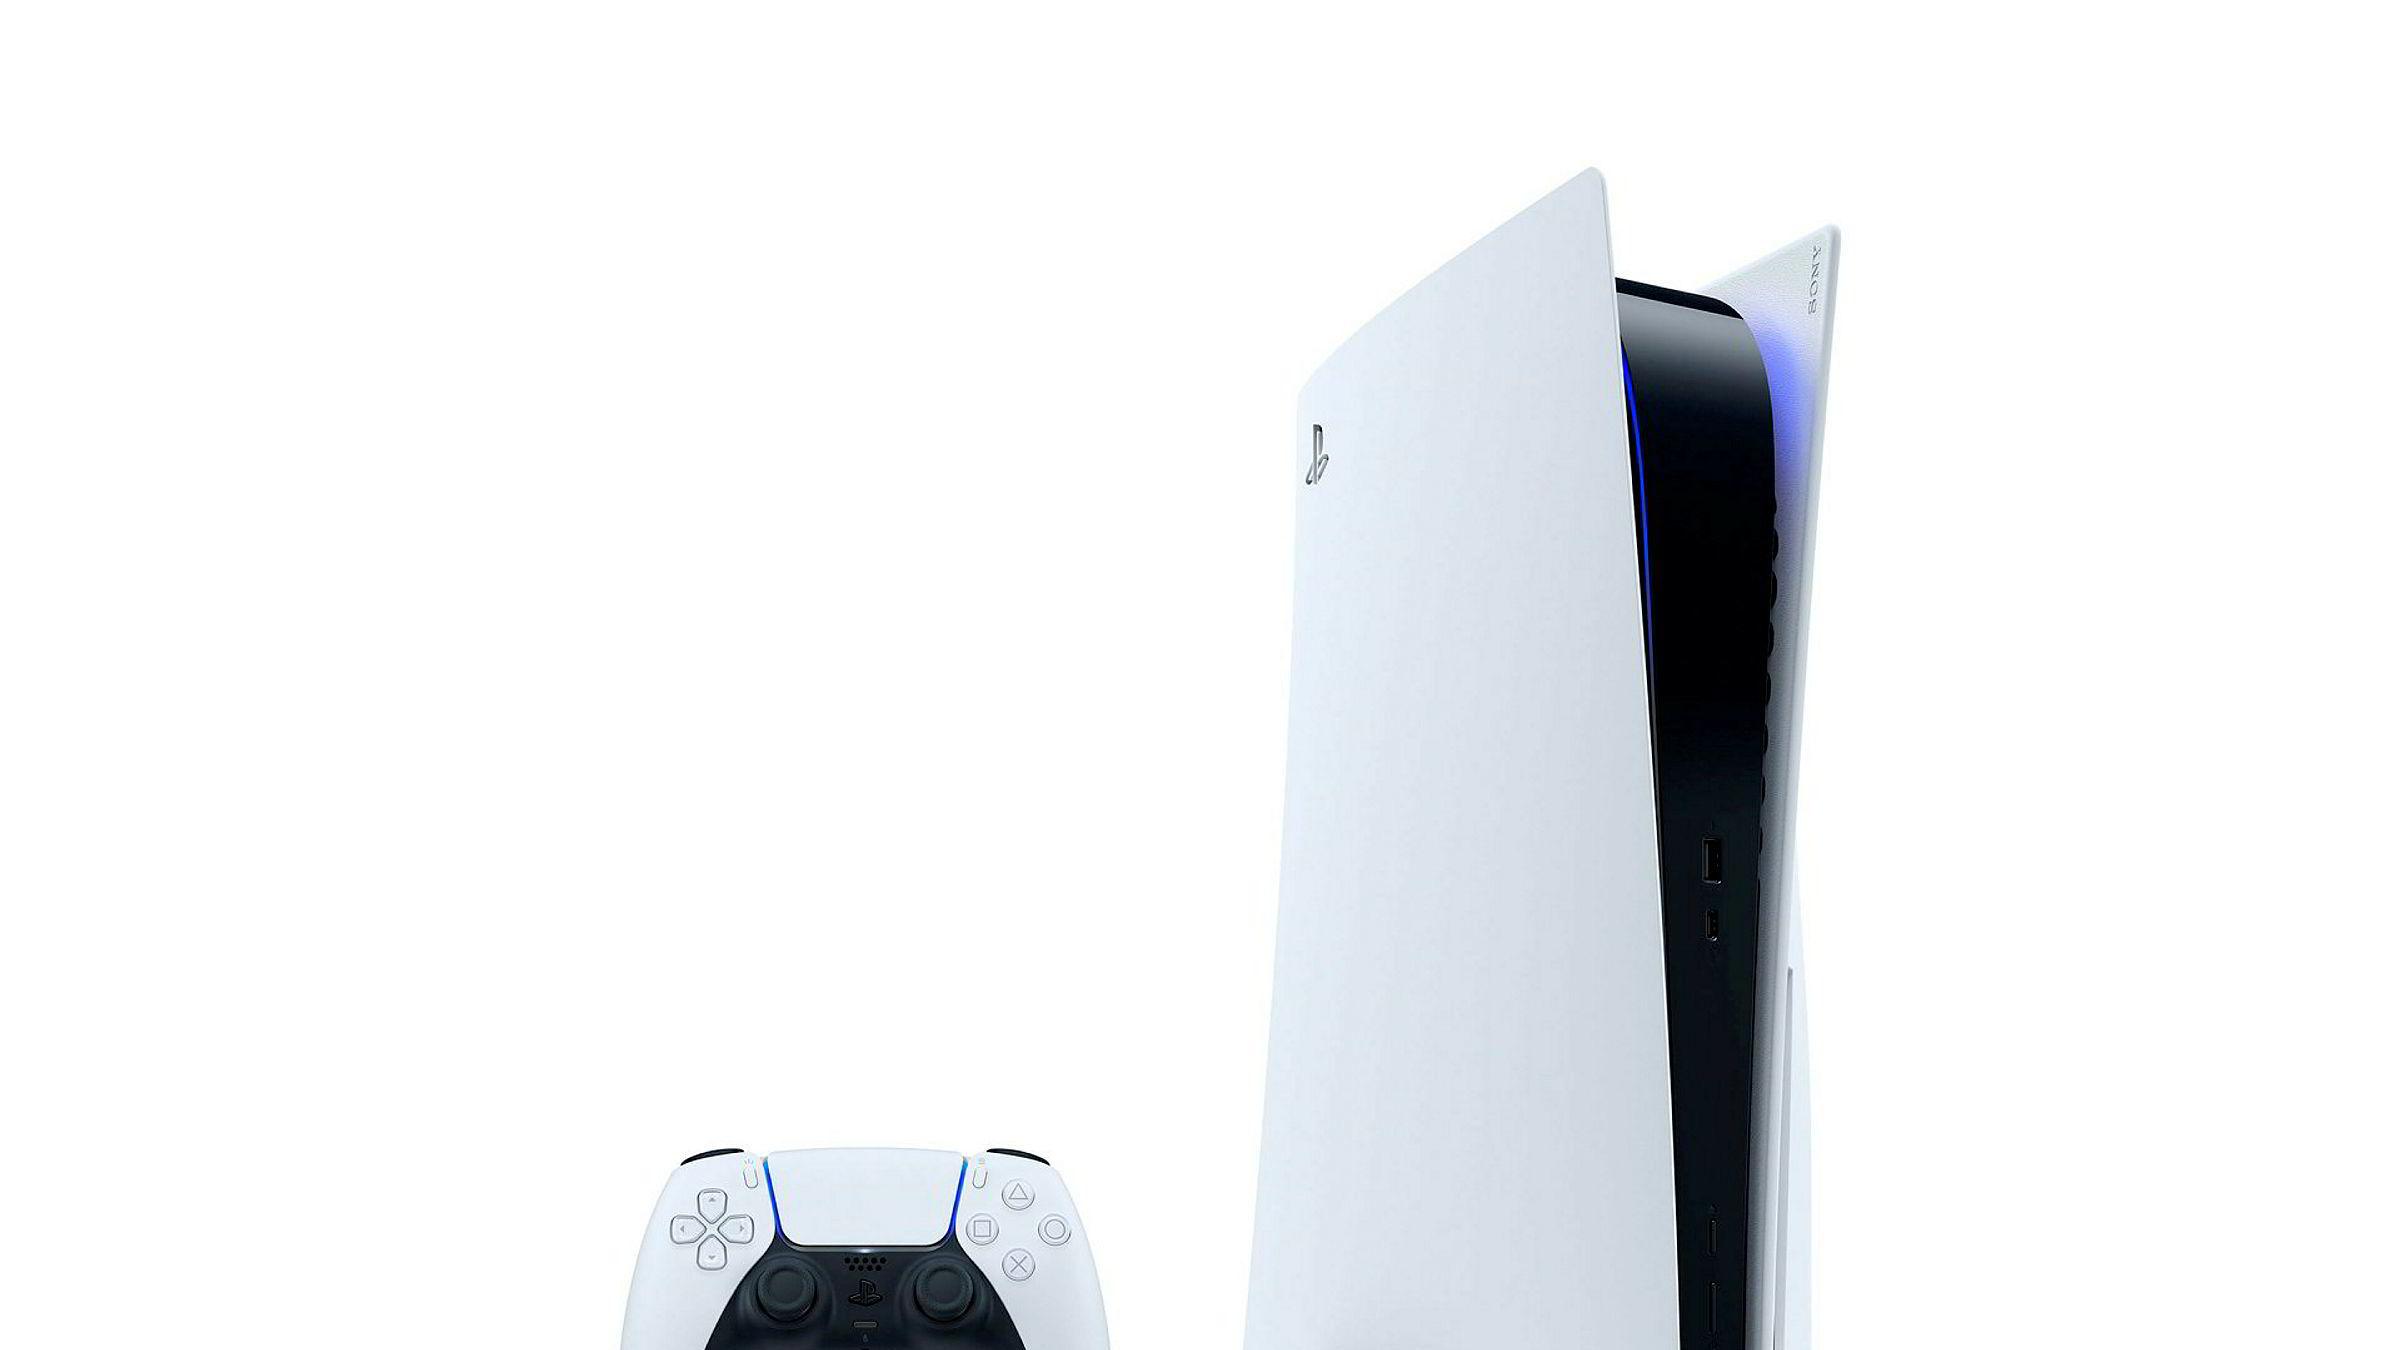 Torsdag ble den nyeste spillkonsollen til Sony vist frem for første gang sammen med en rekke spill som skreddersys til Playstation 5.